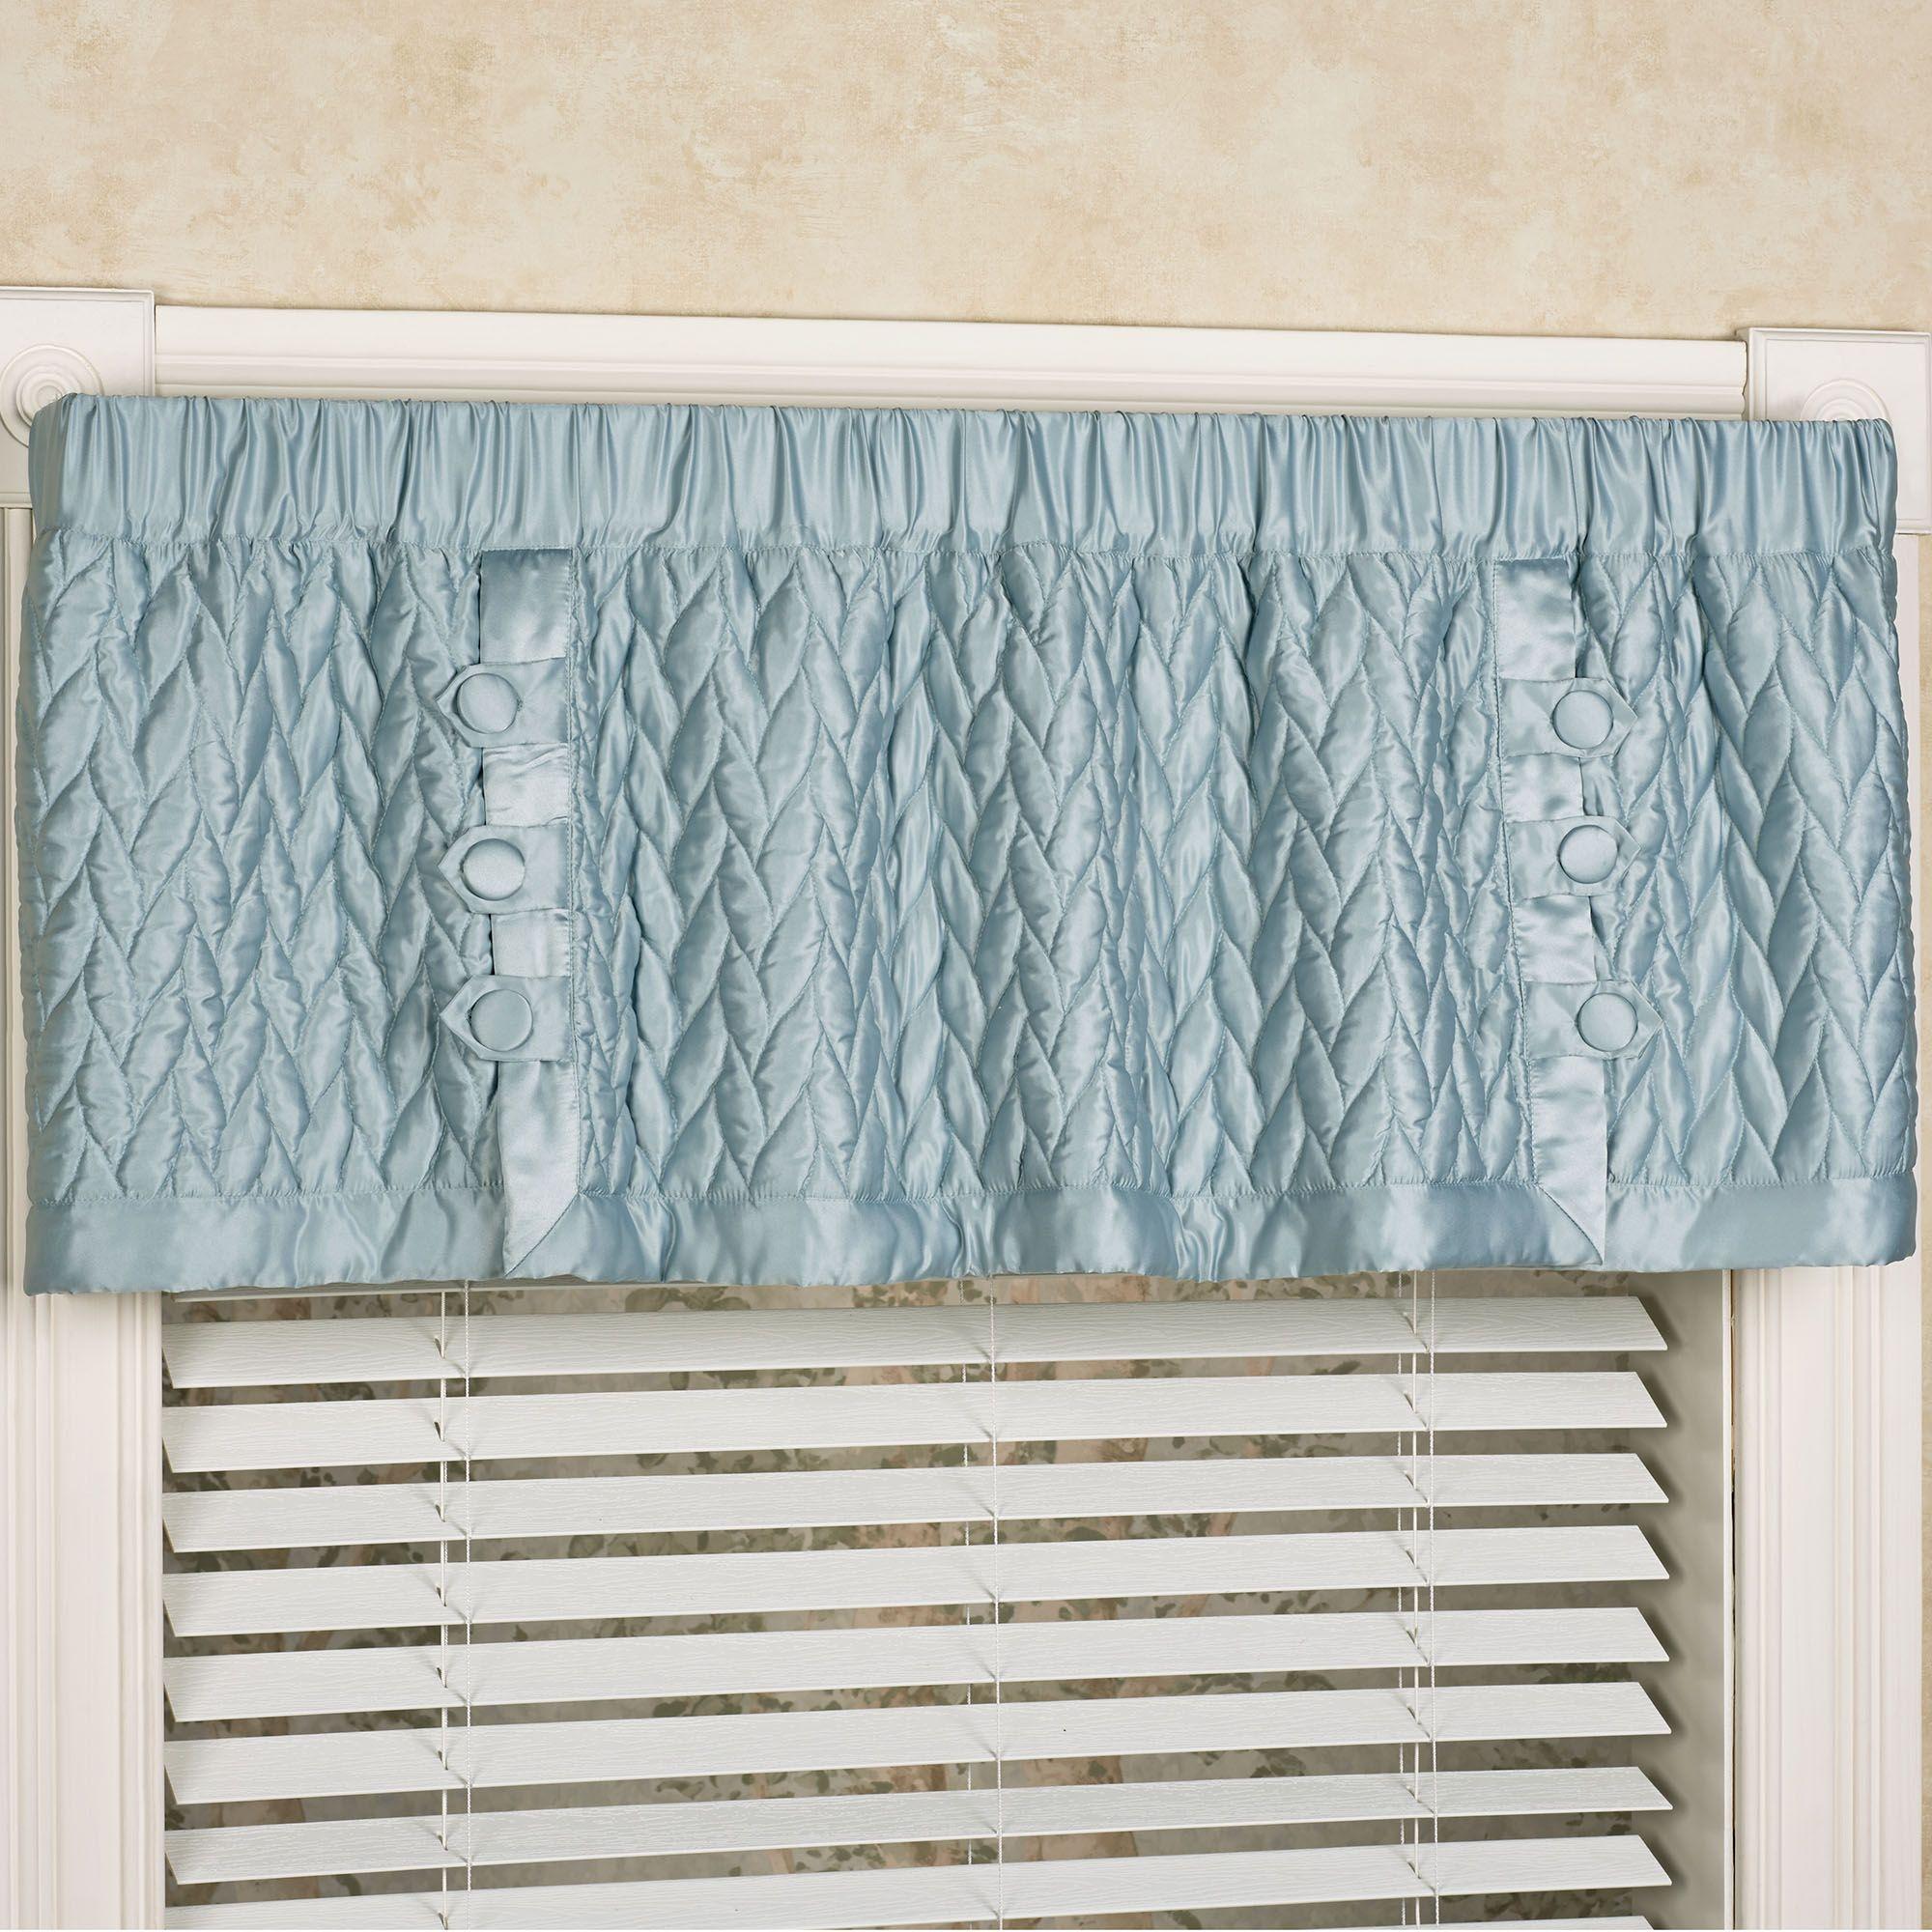 treatment window valance valances garden parchment austrian p images lined x floral iii